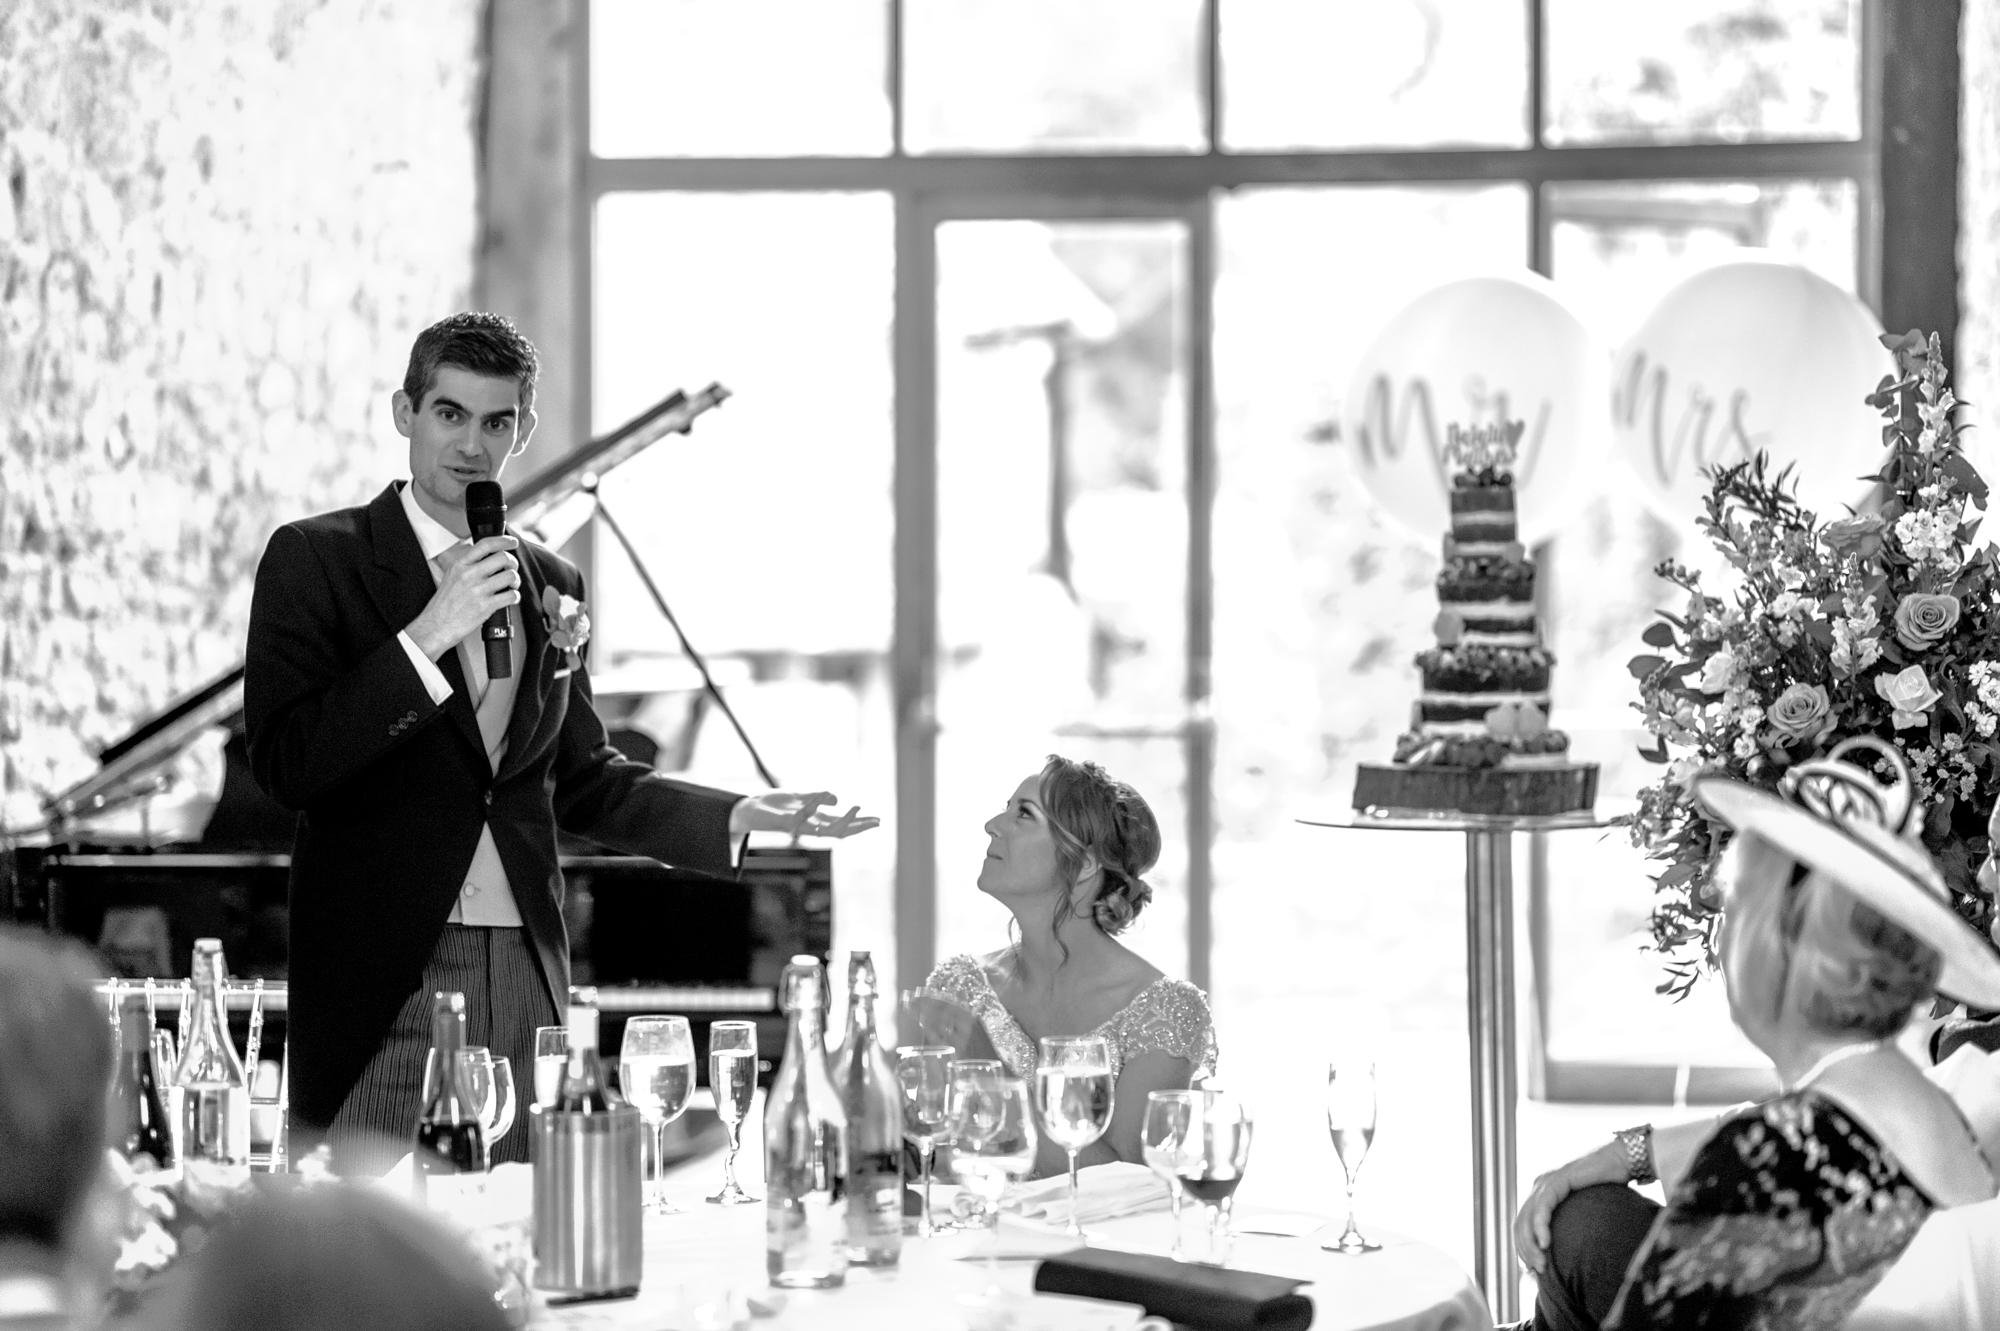 Notley Barn Wedding 26.10.18 27.jpg